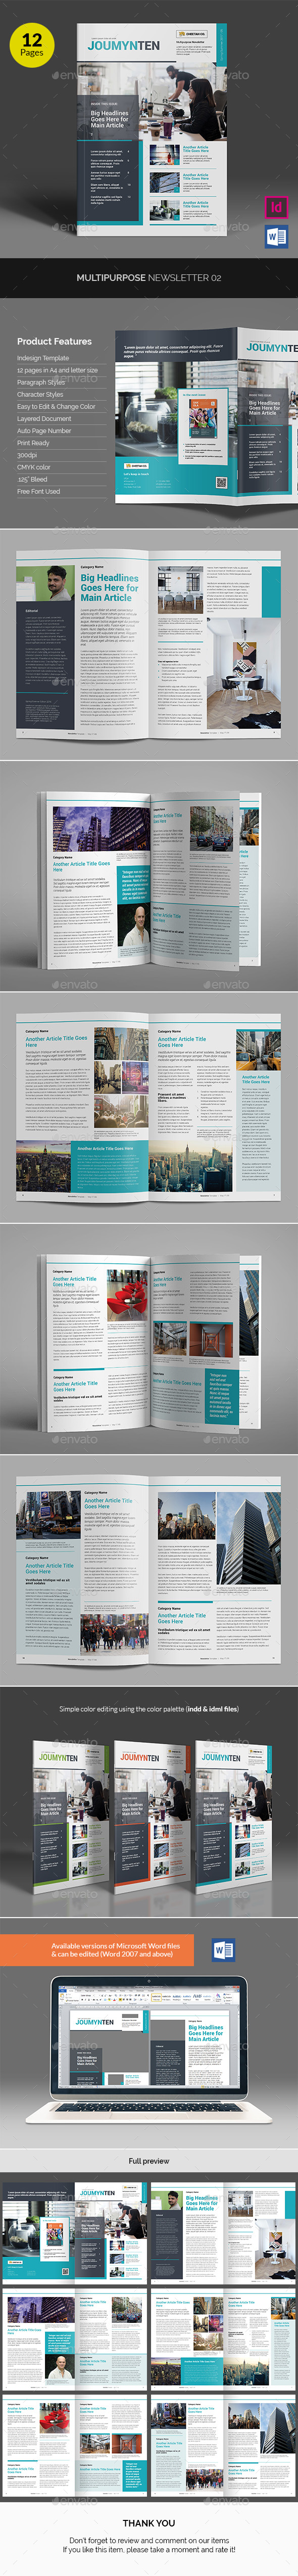 Multipurpose Newsletter v02 - Newsletters Print Templates